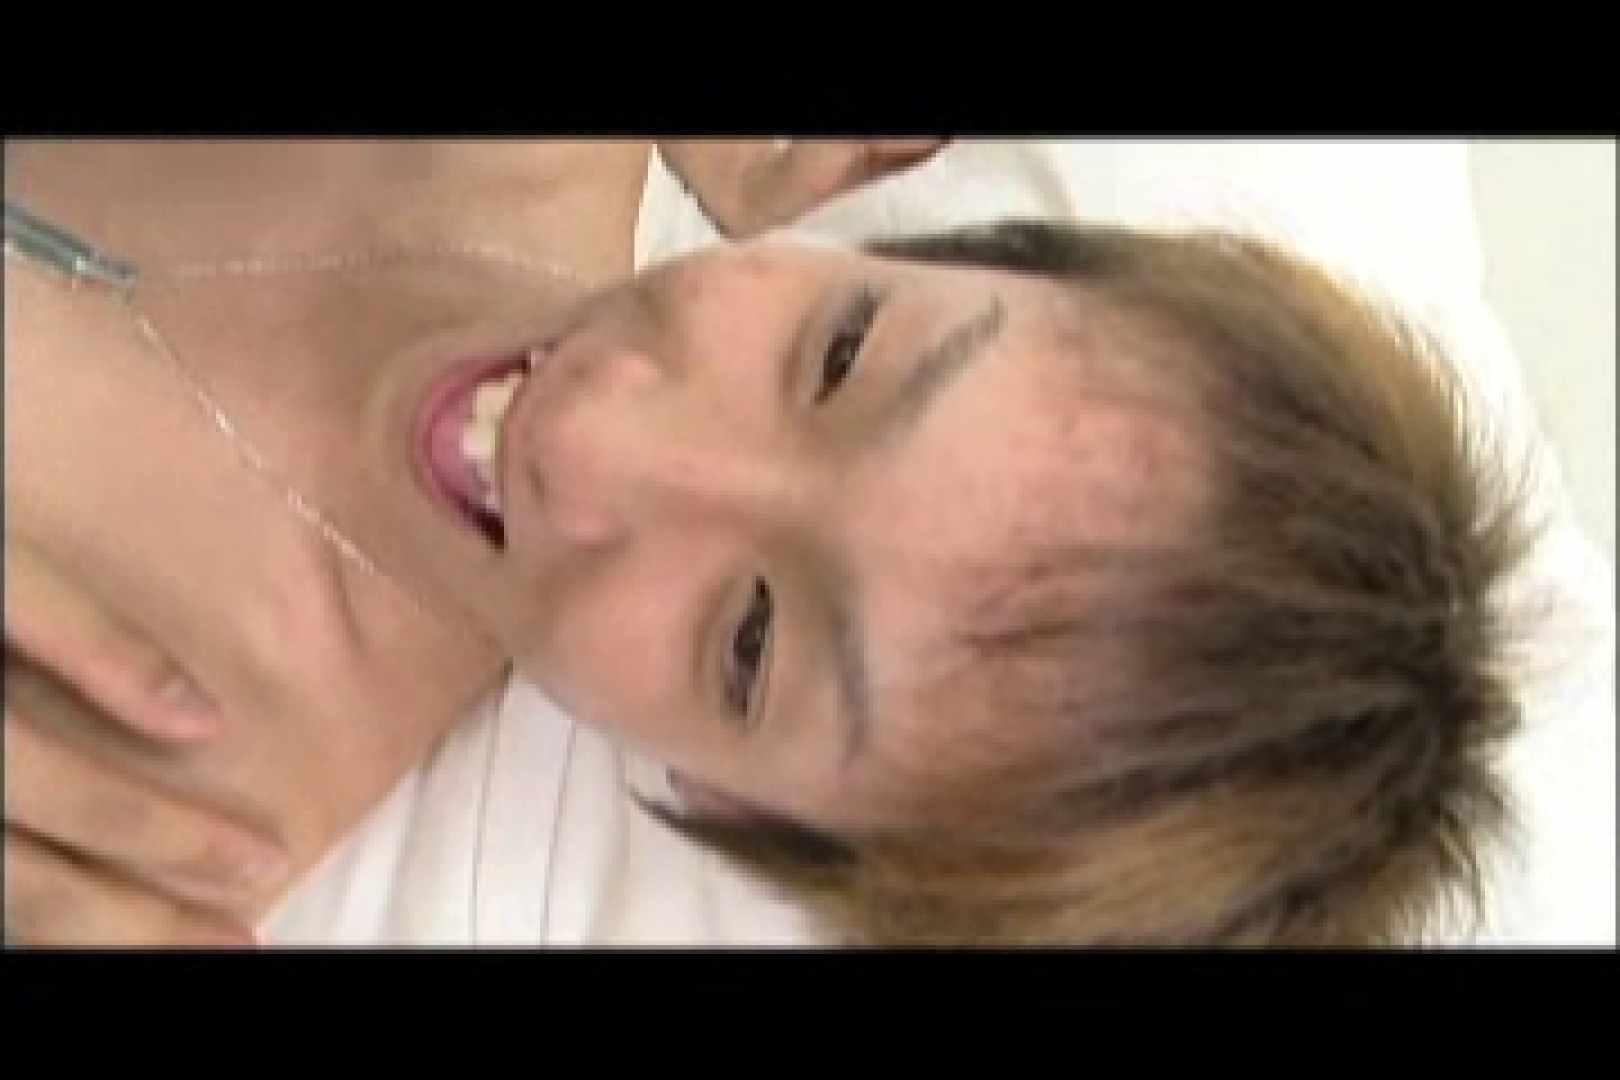 イケメン☆パラダイス〜男ざかりの君たちへ〜vol.16 ケツマン ペニス画像 109枚 9